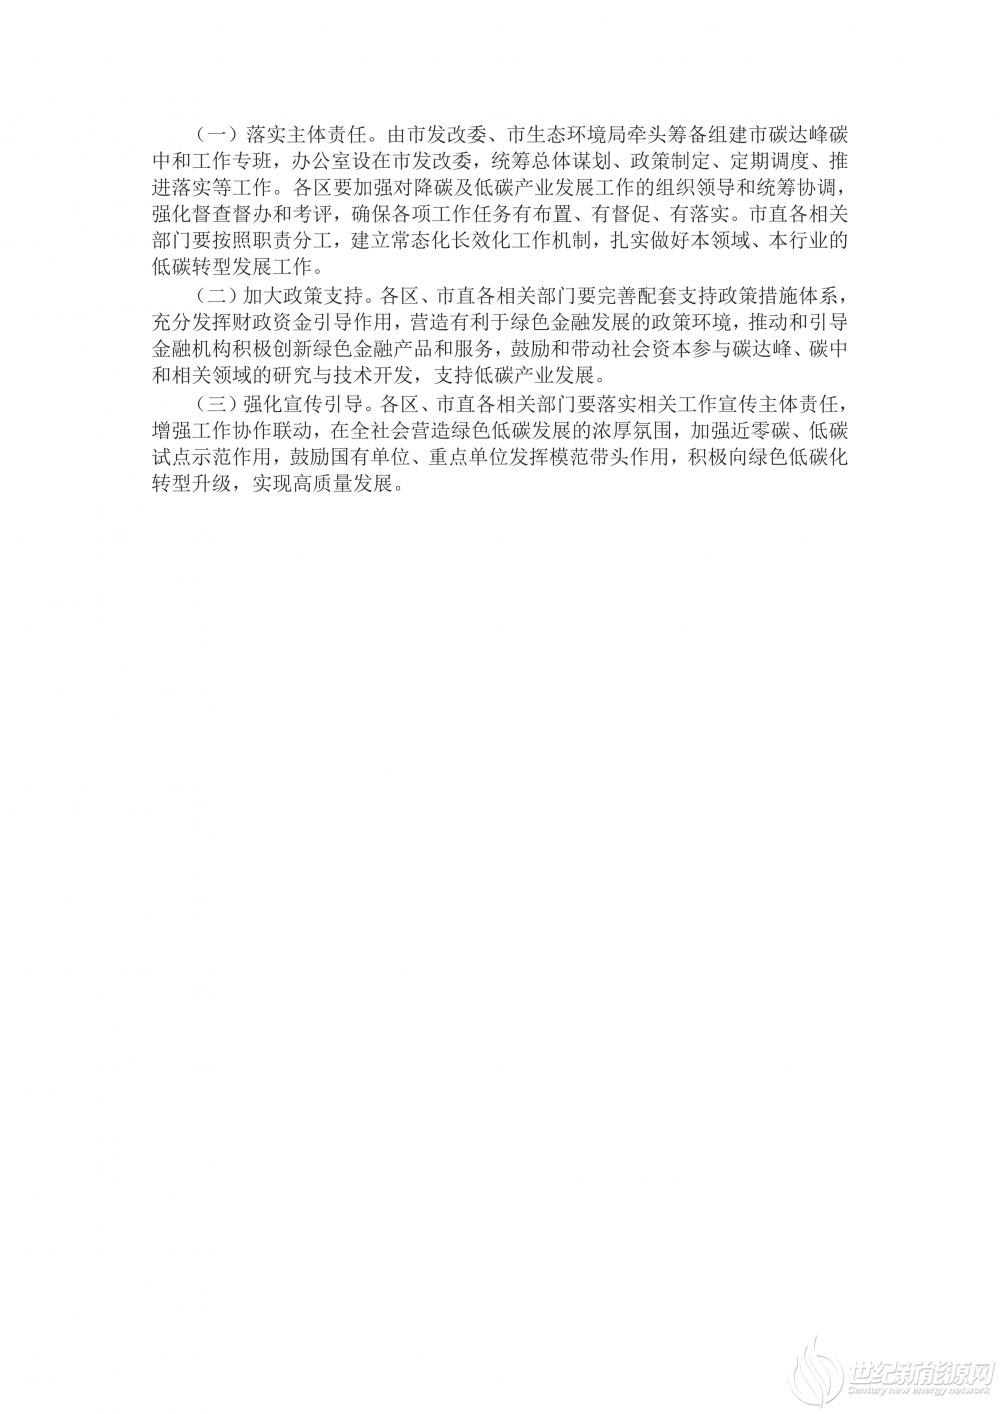 武汉市_4